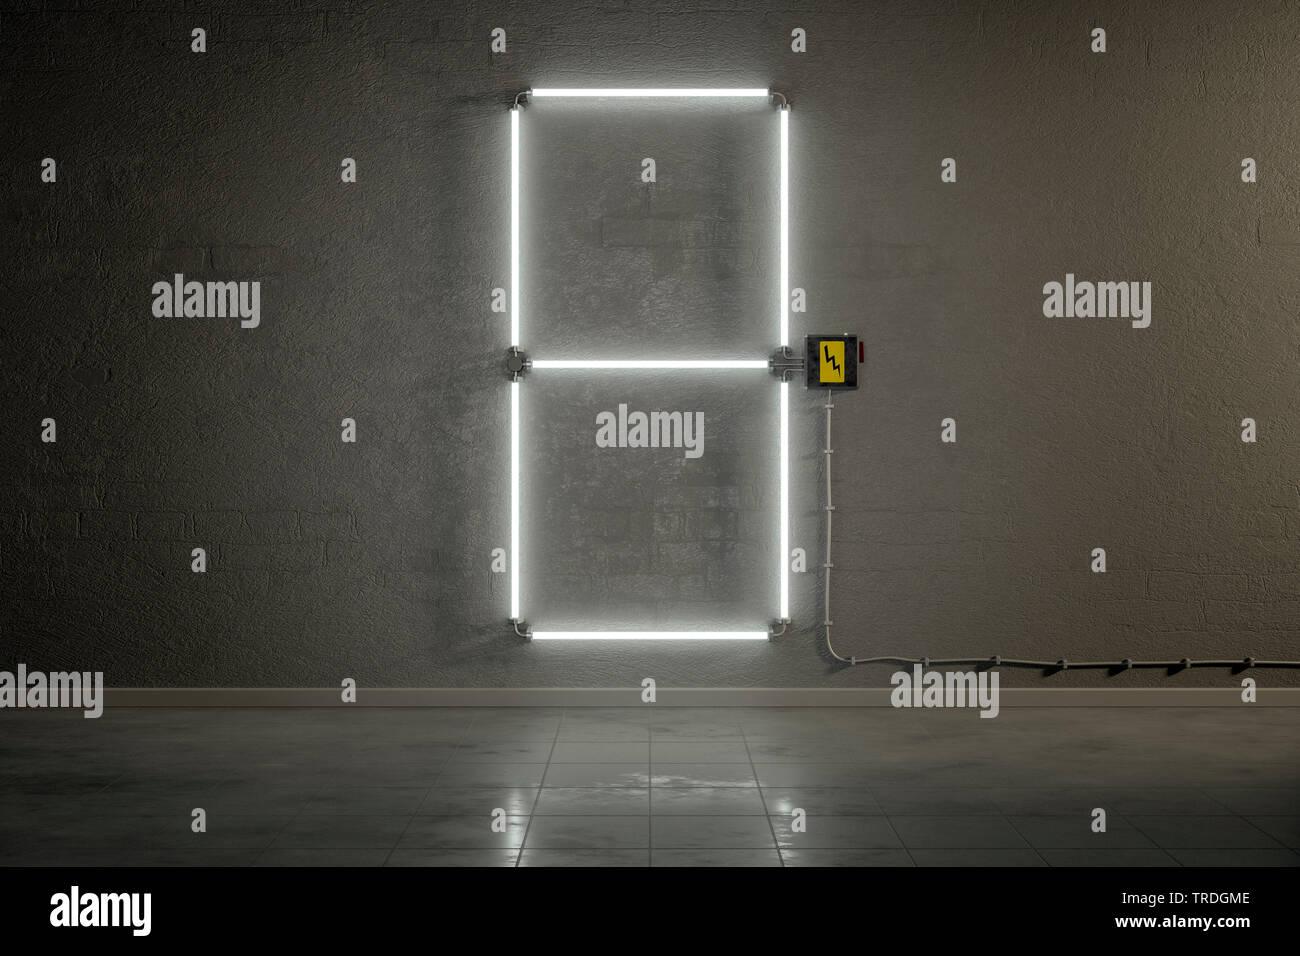 3D-Computergrafik, Einstellige Zaehler-Anzeige aus Neonlampen die Zahl 8 darstellend    3D computer graphic, one-digit counter built out of neon tubes - Stock Image